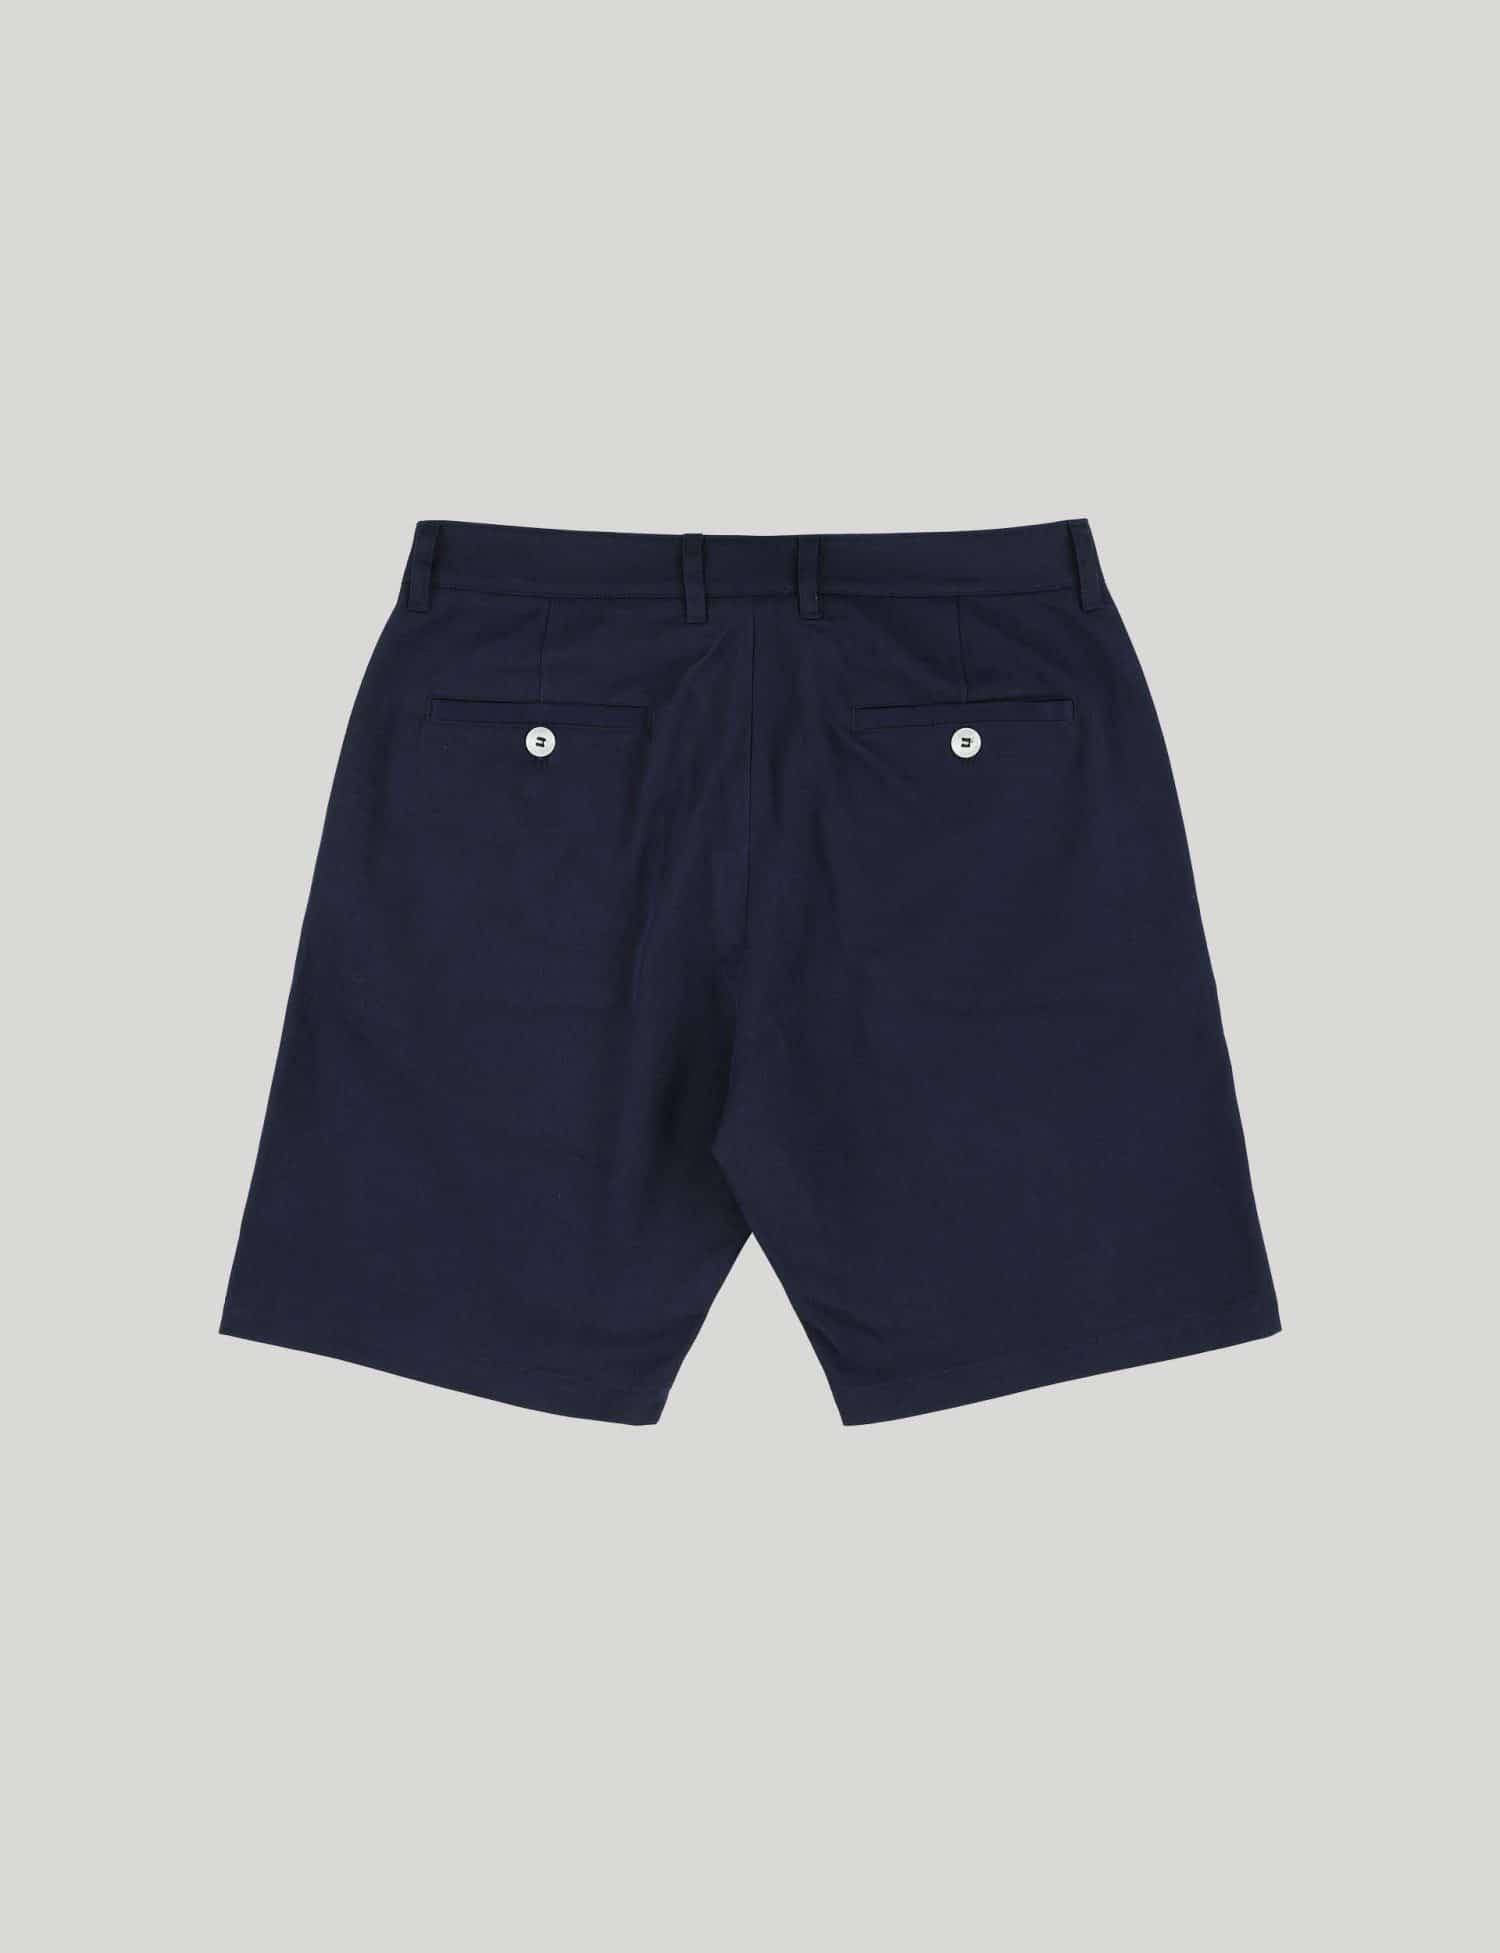 Castart - Angel Wing Shorts - Navy Blue